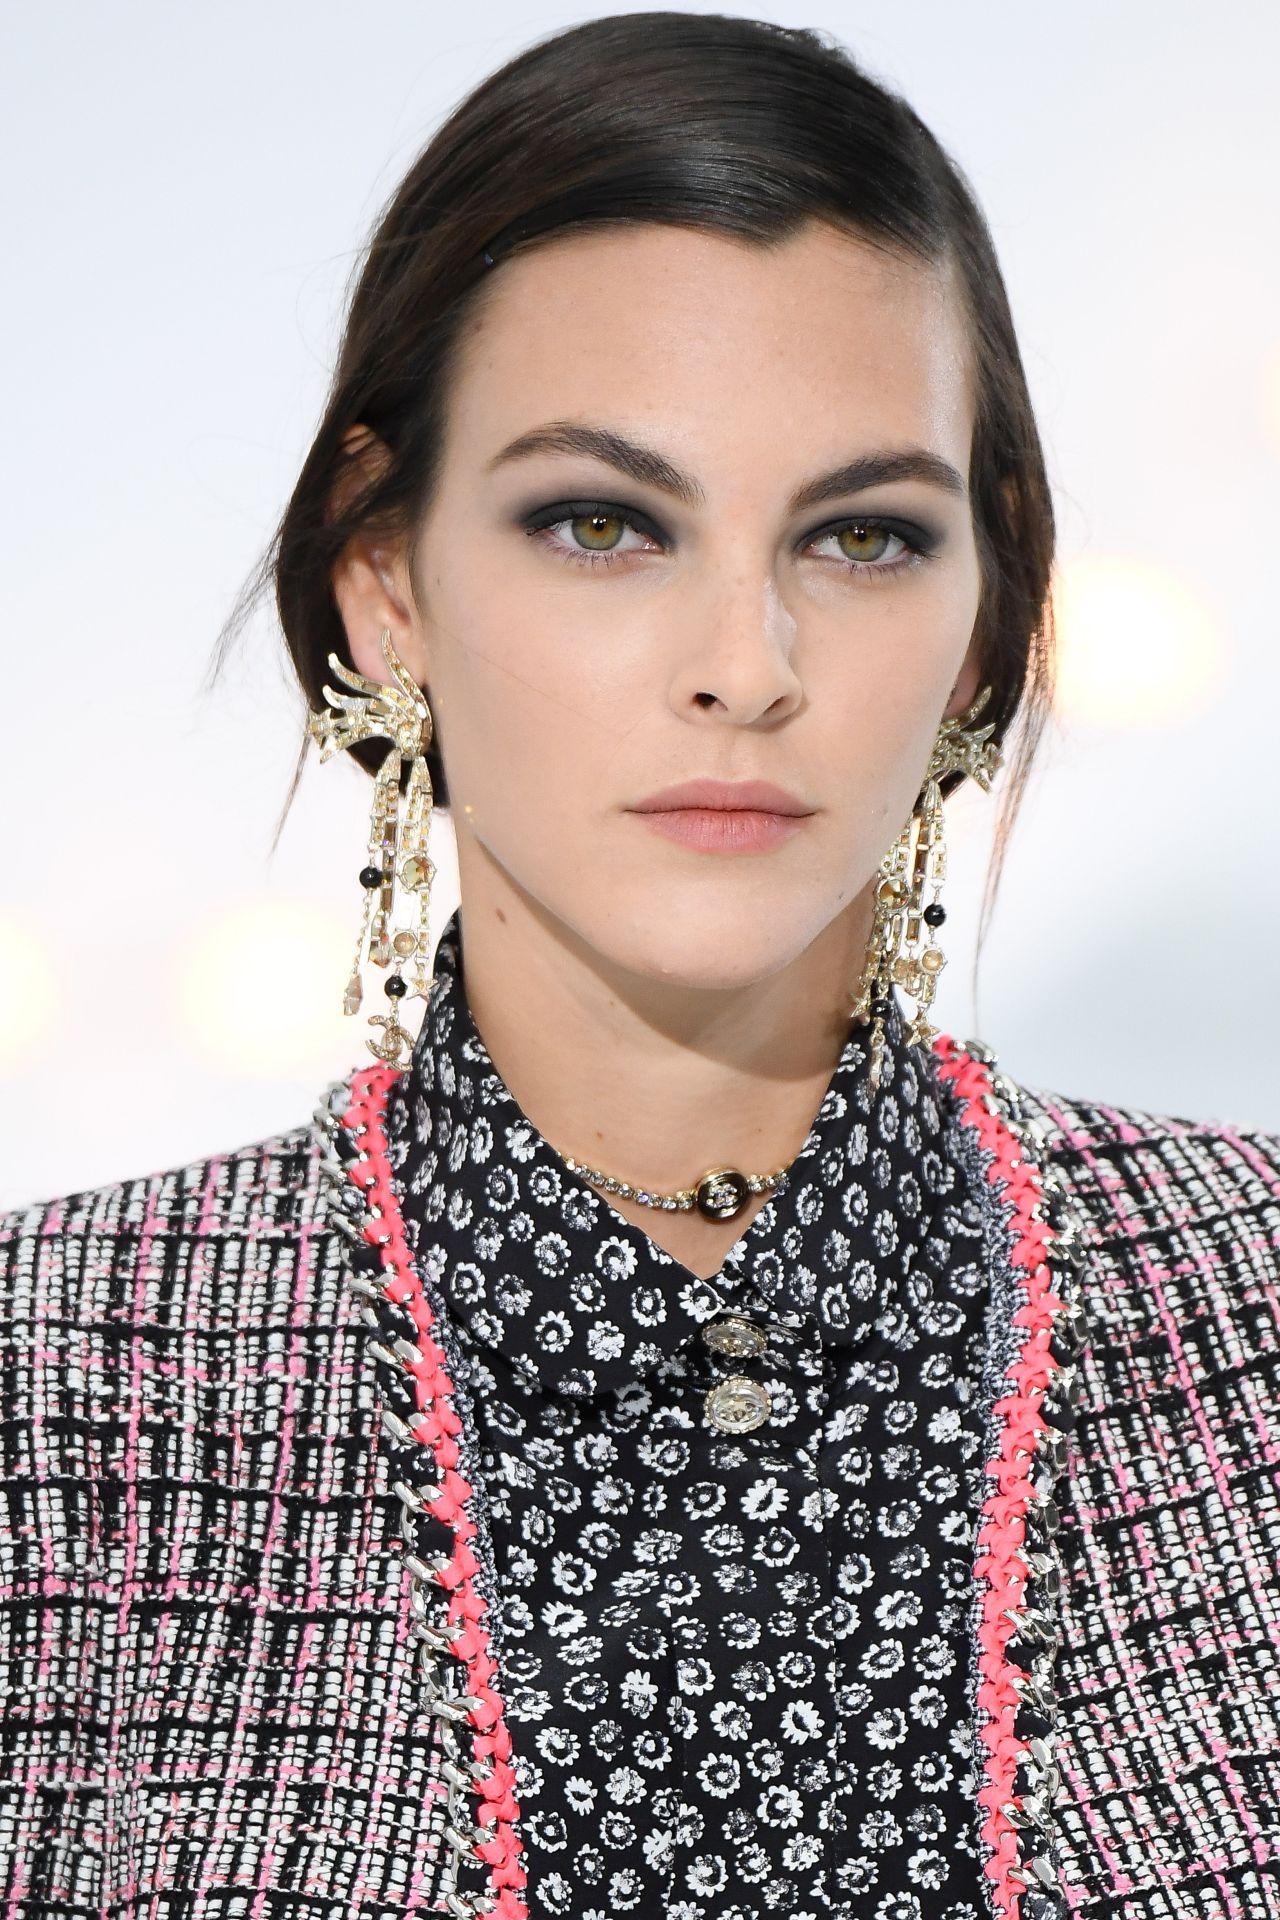 szemöldök trend Chanel